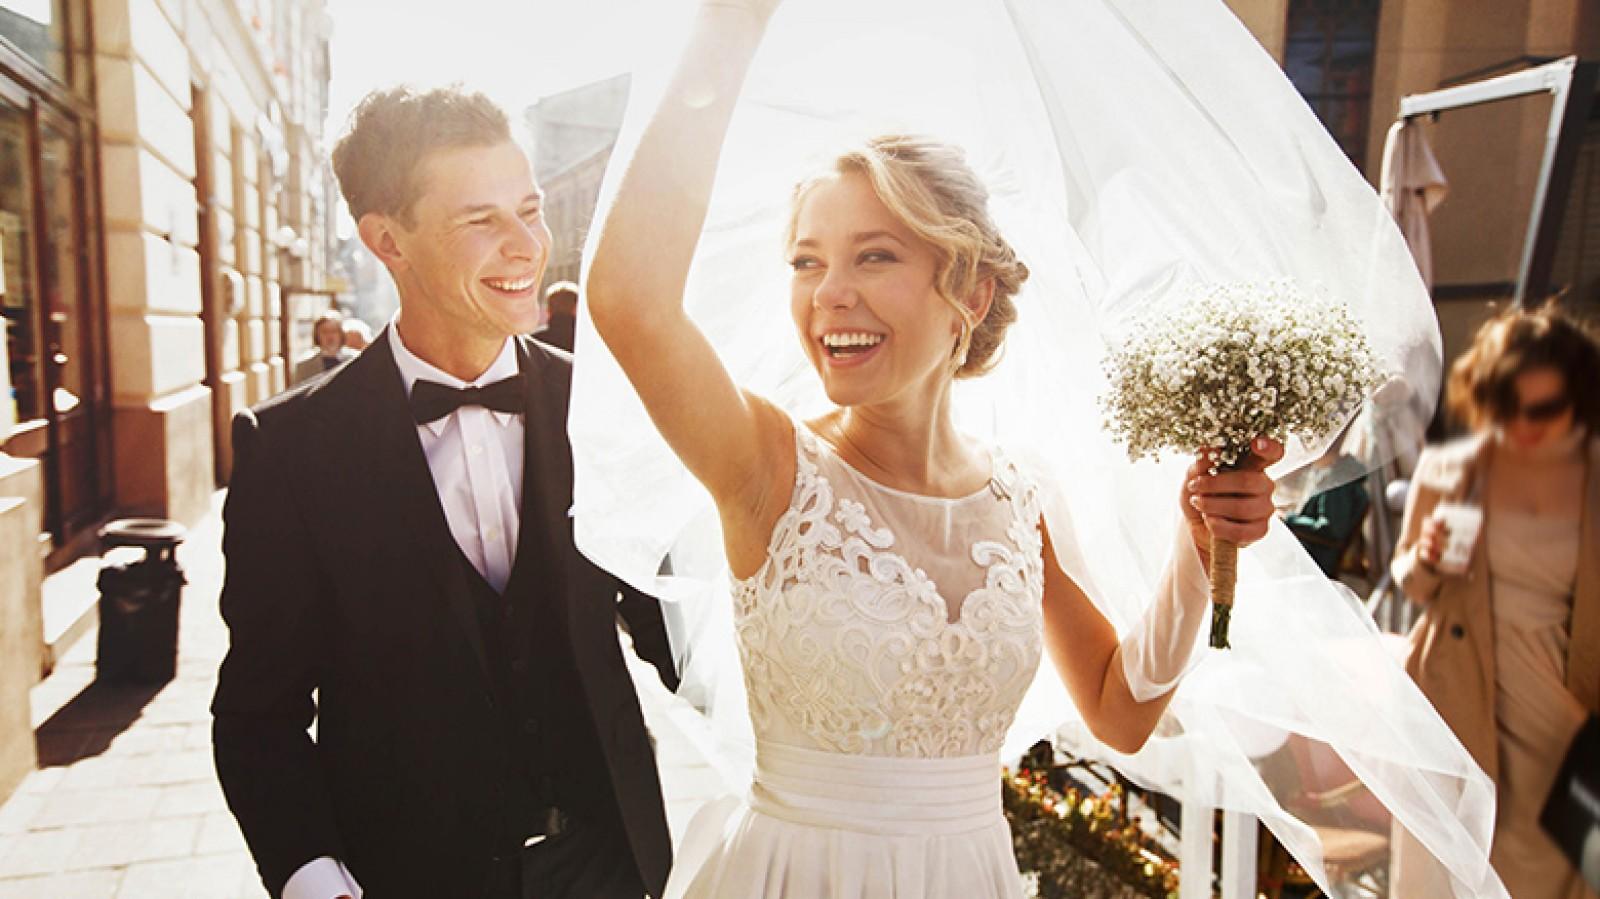 Trouwen in coronatijd? Juist in Hilversum stappen geliefden 'gewoon' in het huwelijksbootje